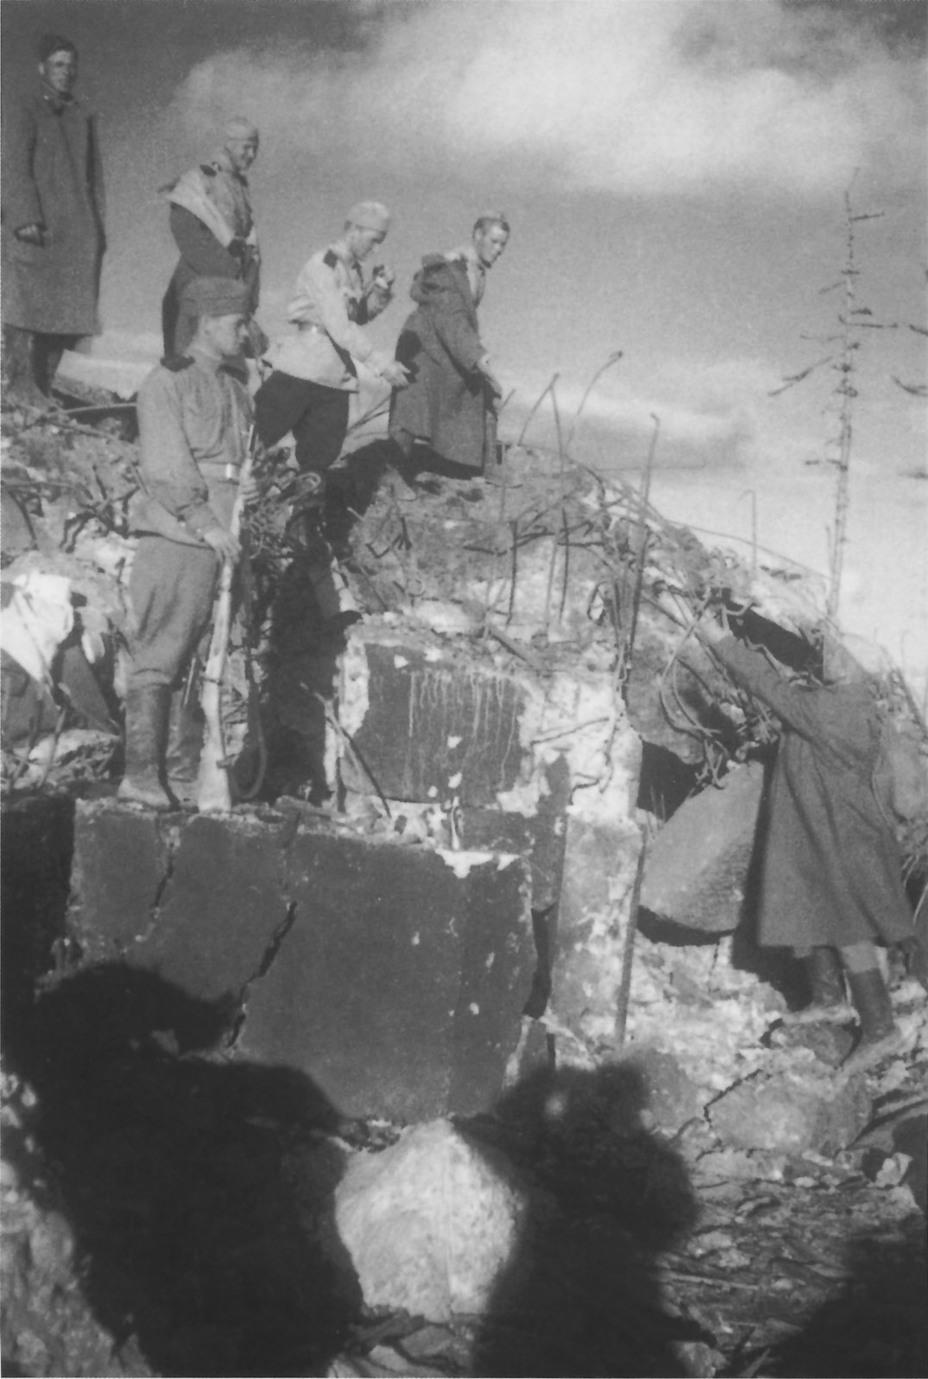 Советские солдаты на одном из дотов Харамитогского укрепрайона, подорванном сапёрами 165-го стрелкового полка во время Южно-Сахалинской наступательной операции waralbum.ru - Красная армия против японских дотов | Военно-исторический портал Warspot.ru